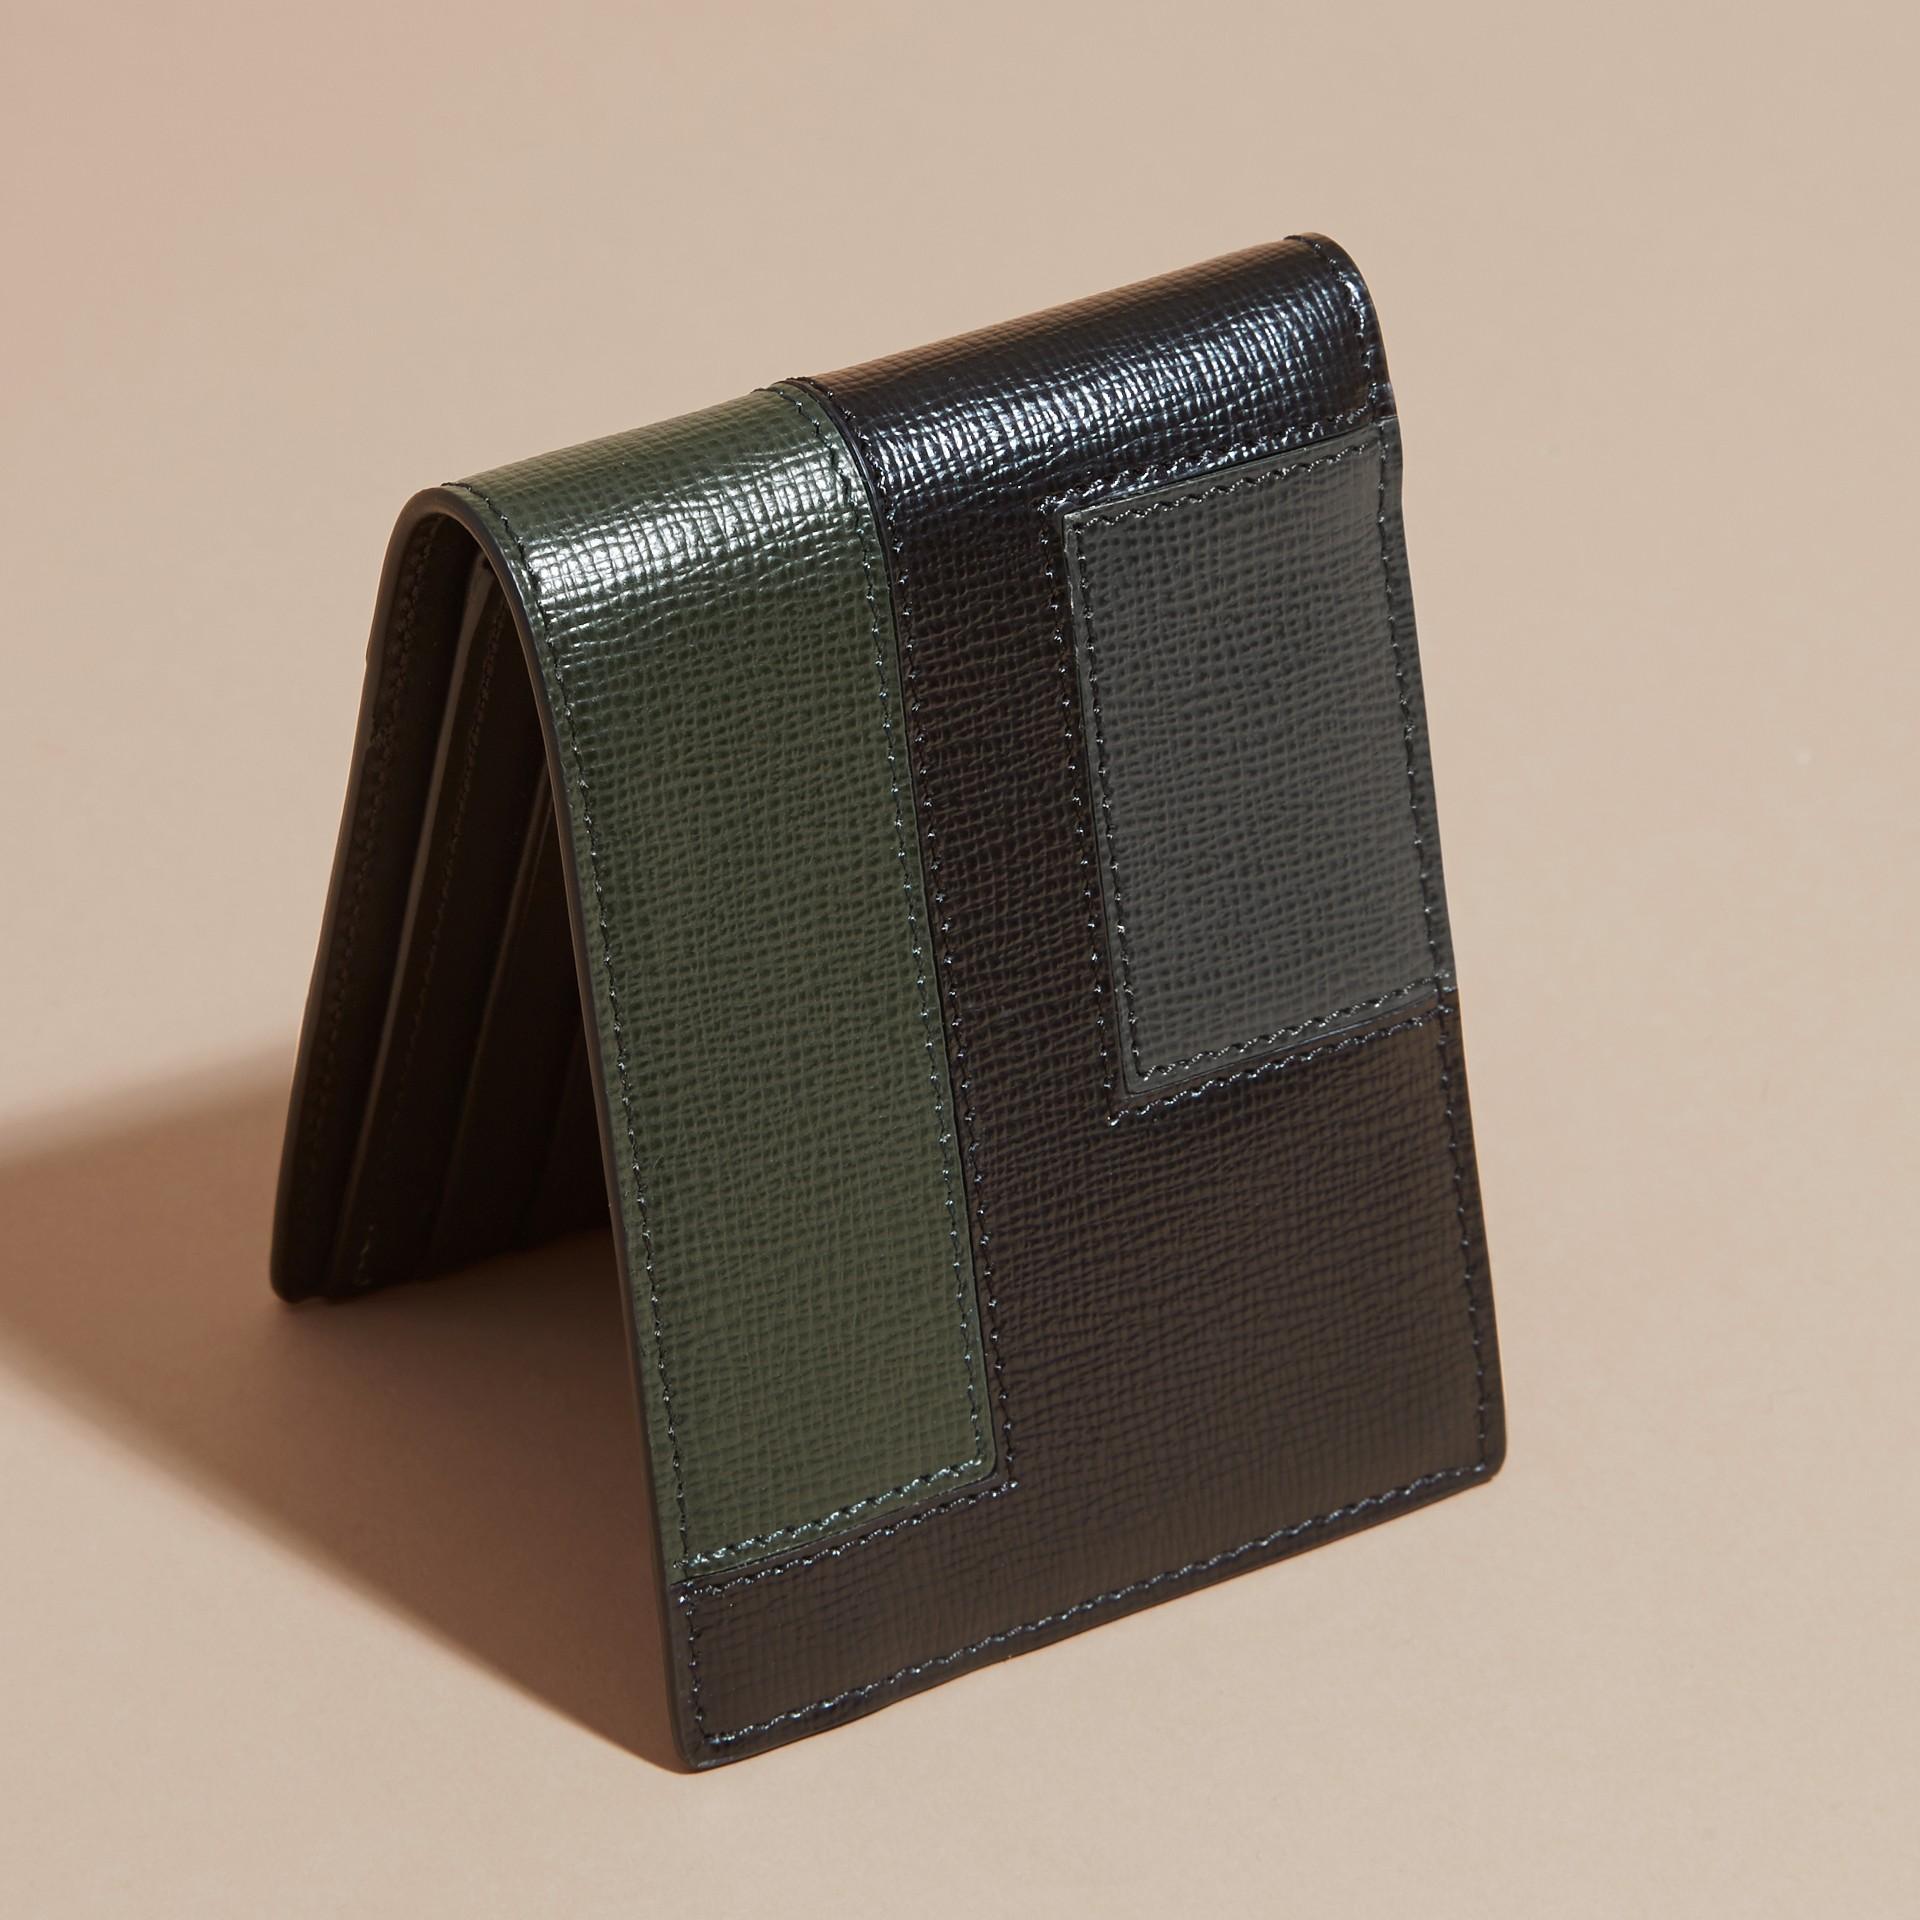 Nero Portafoglio a libro in pelle London a blocchi di colore Nero - immagine della galleria 4